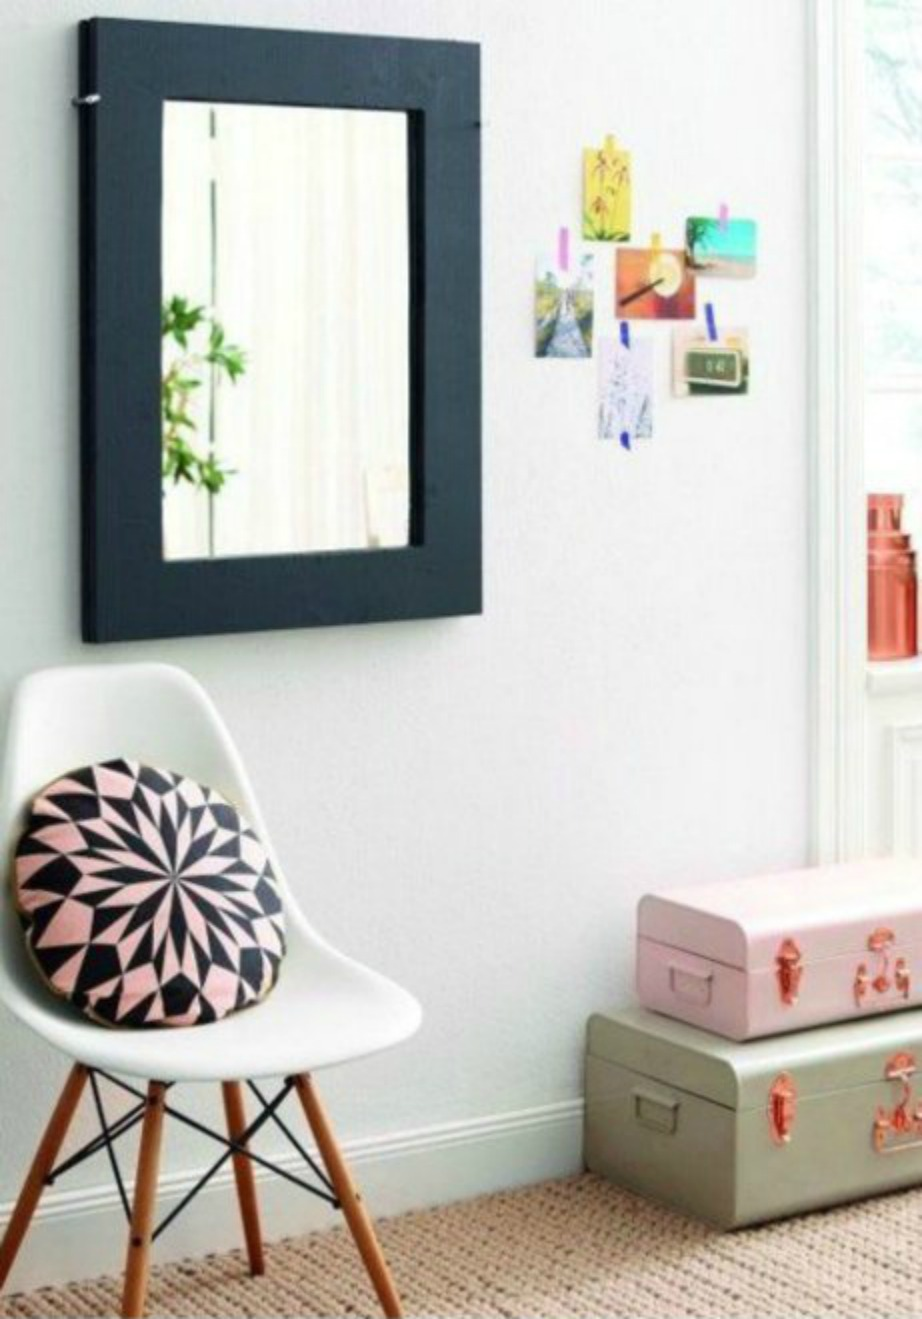 Αυτό το έπιπλο είναι ιδανικό για σαλόνια με μικρούς χώρους.